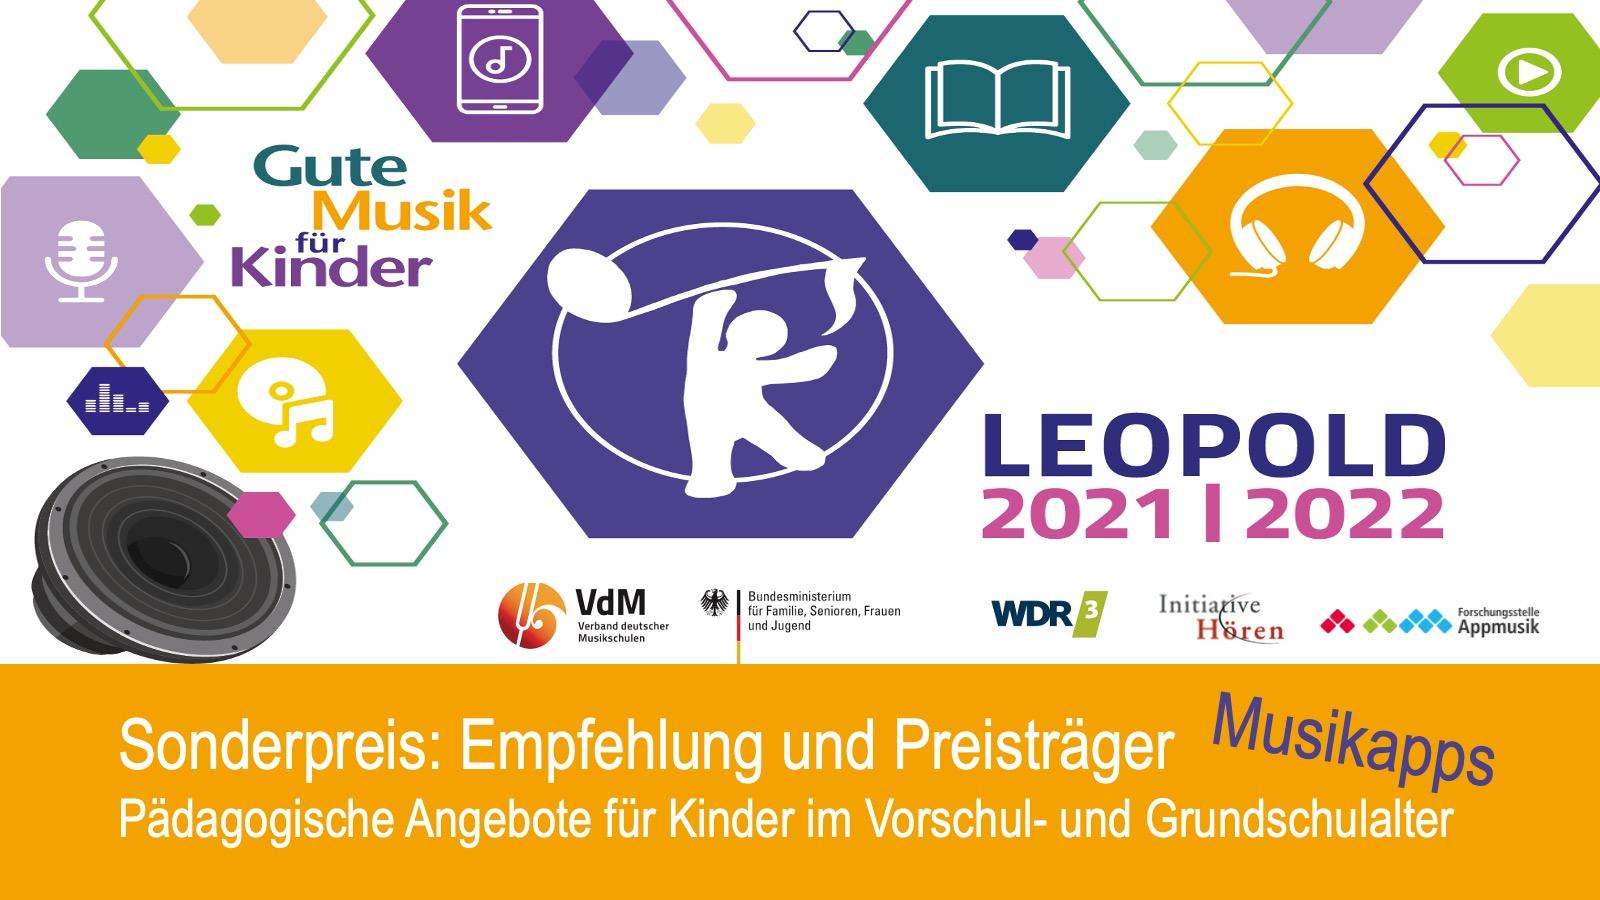 Medienpreis LEOPOLD_interaktiv 2021 – Empfohlene Musikapps für Kinder